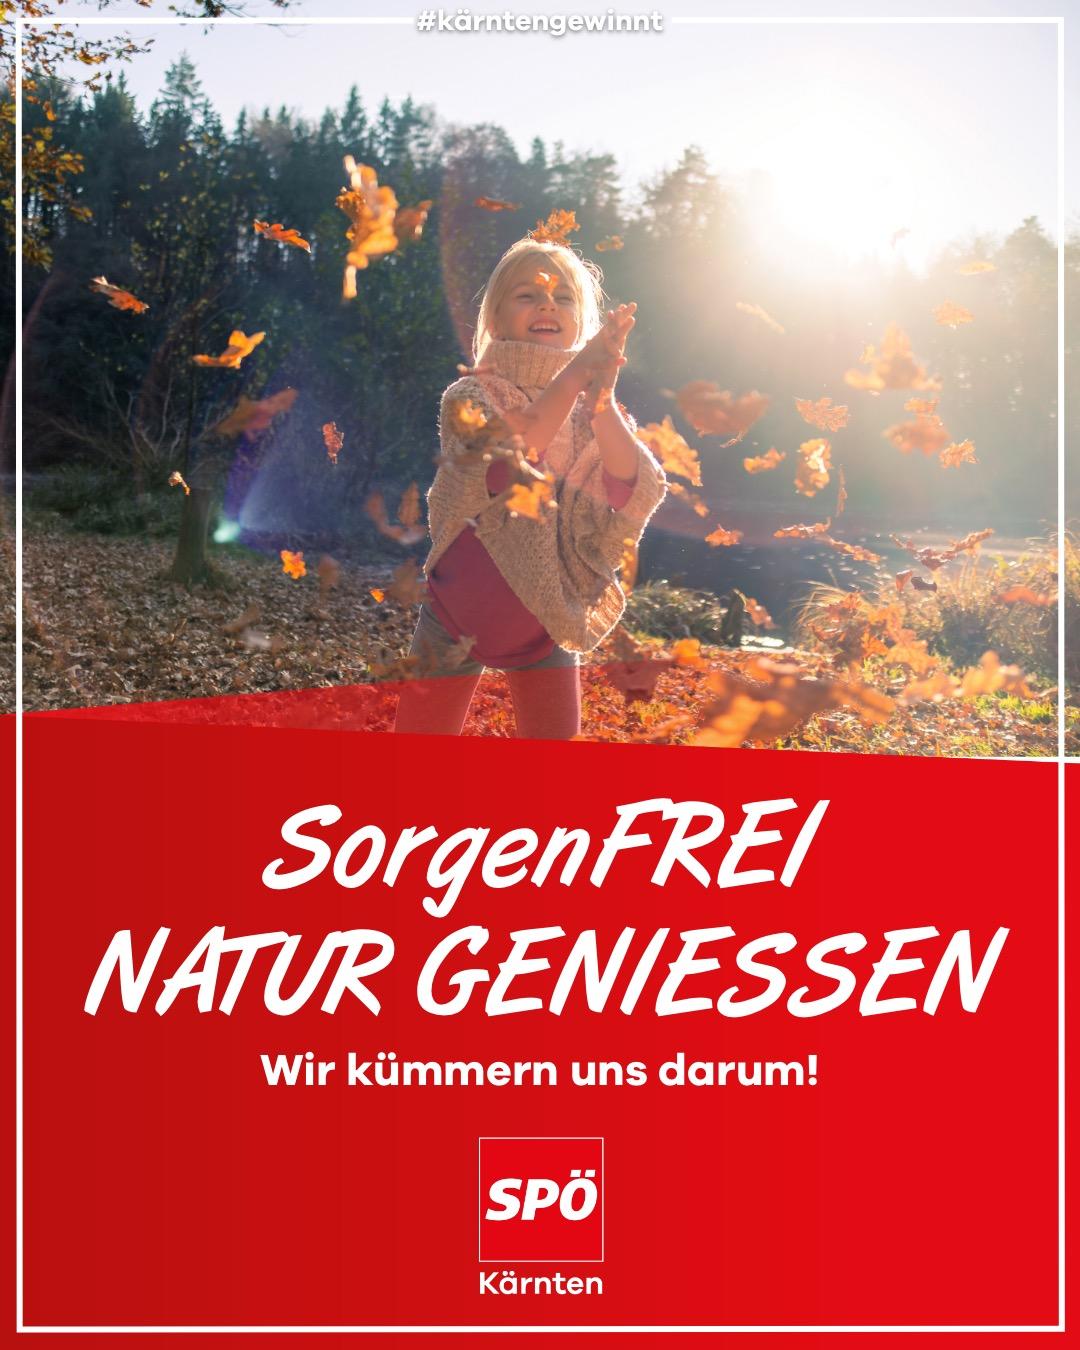 Sorgenfrei Natur geniessen in Kärnten